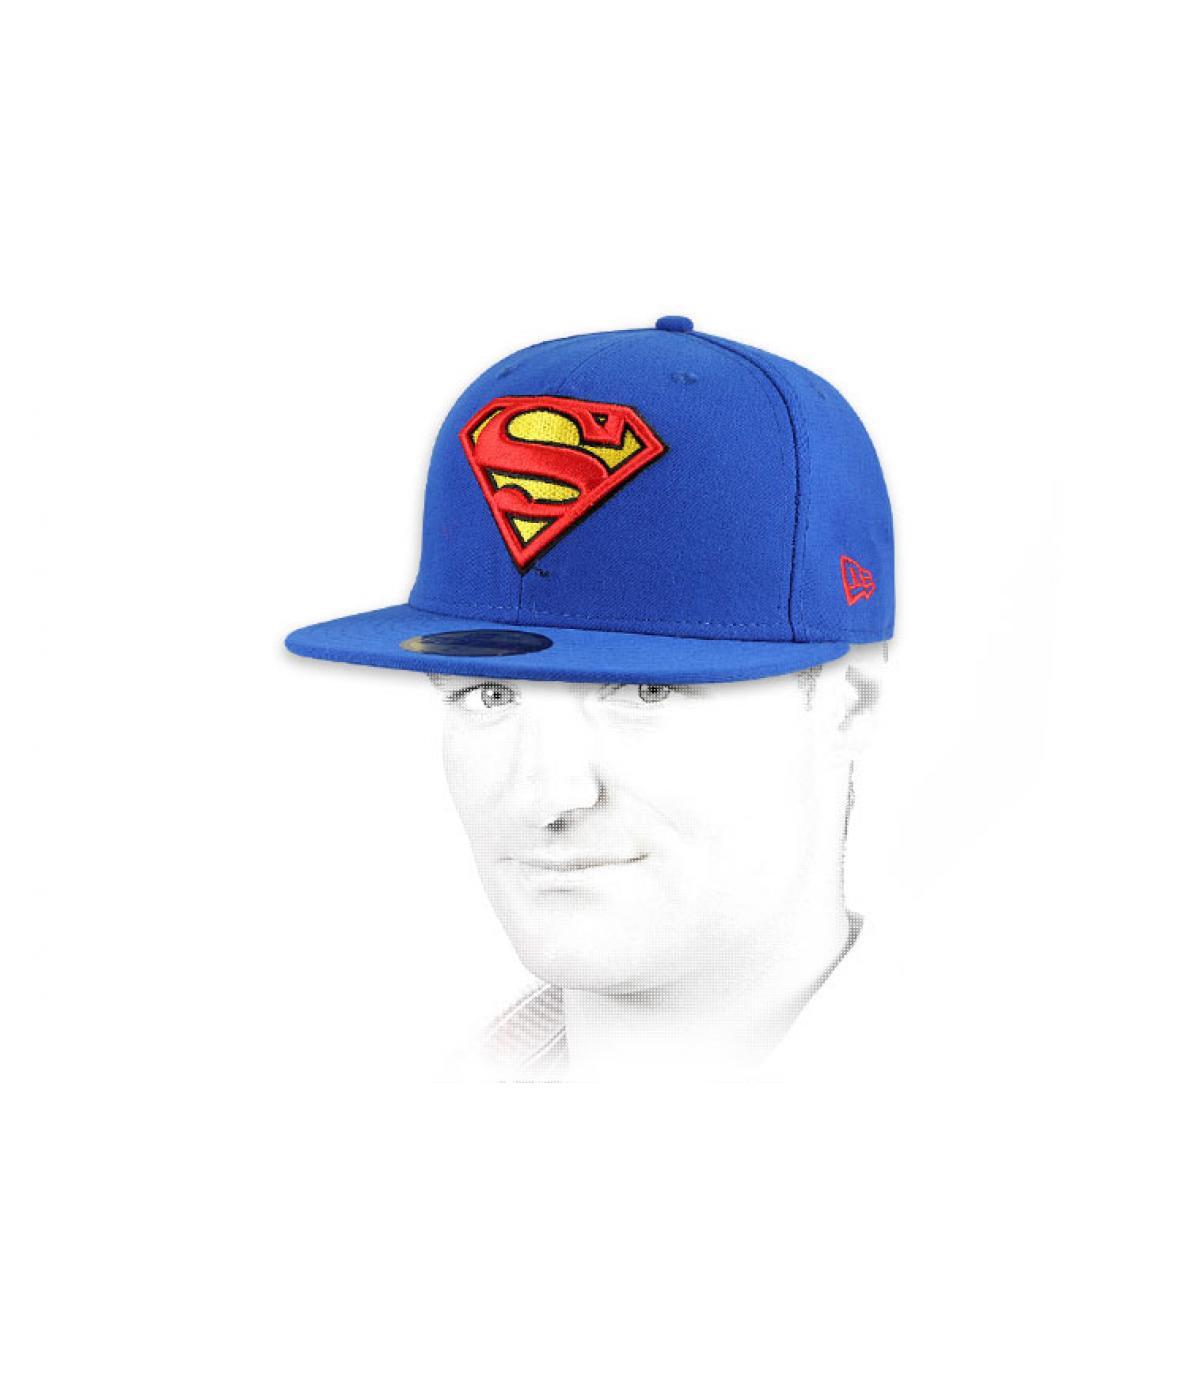 Details Cap Superman black - Abbildung 4